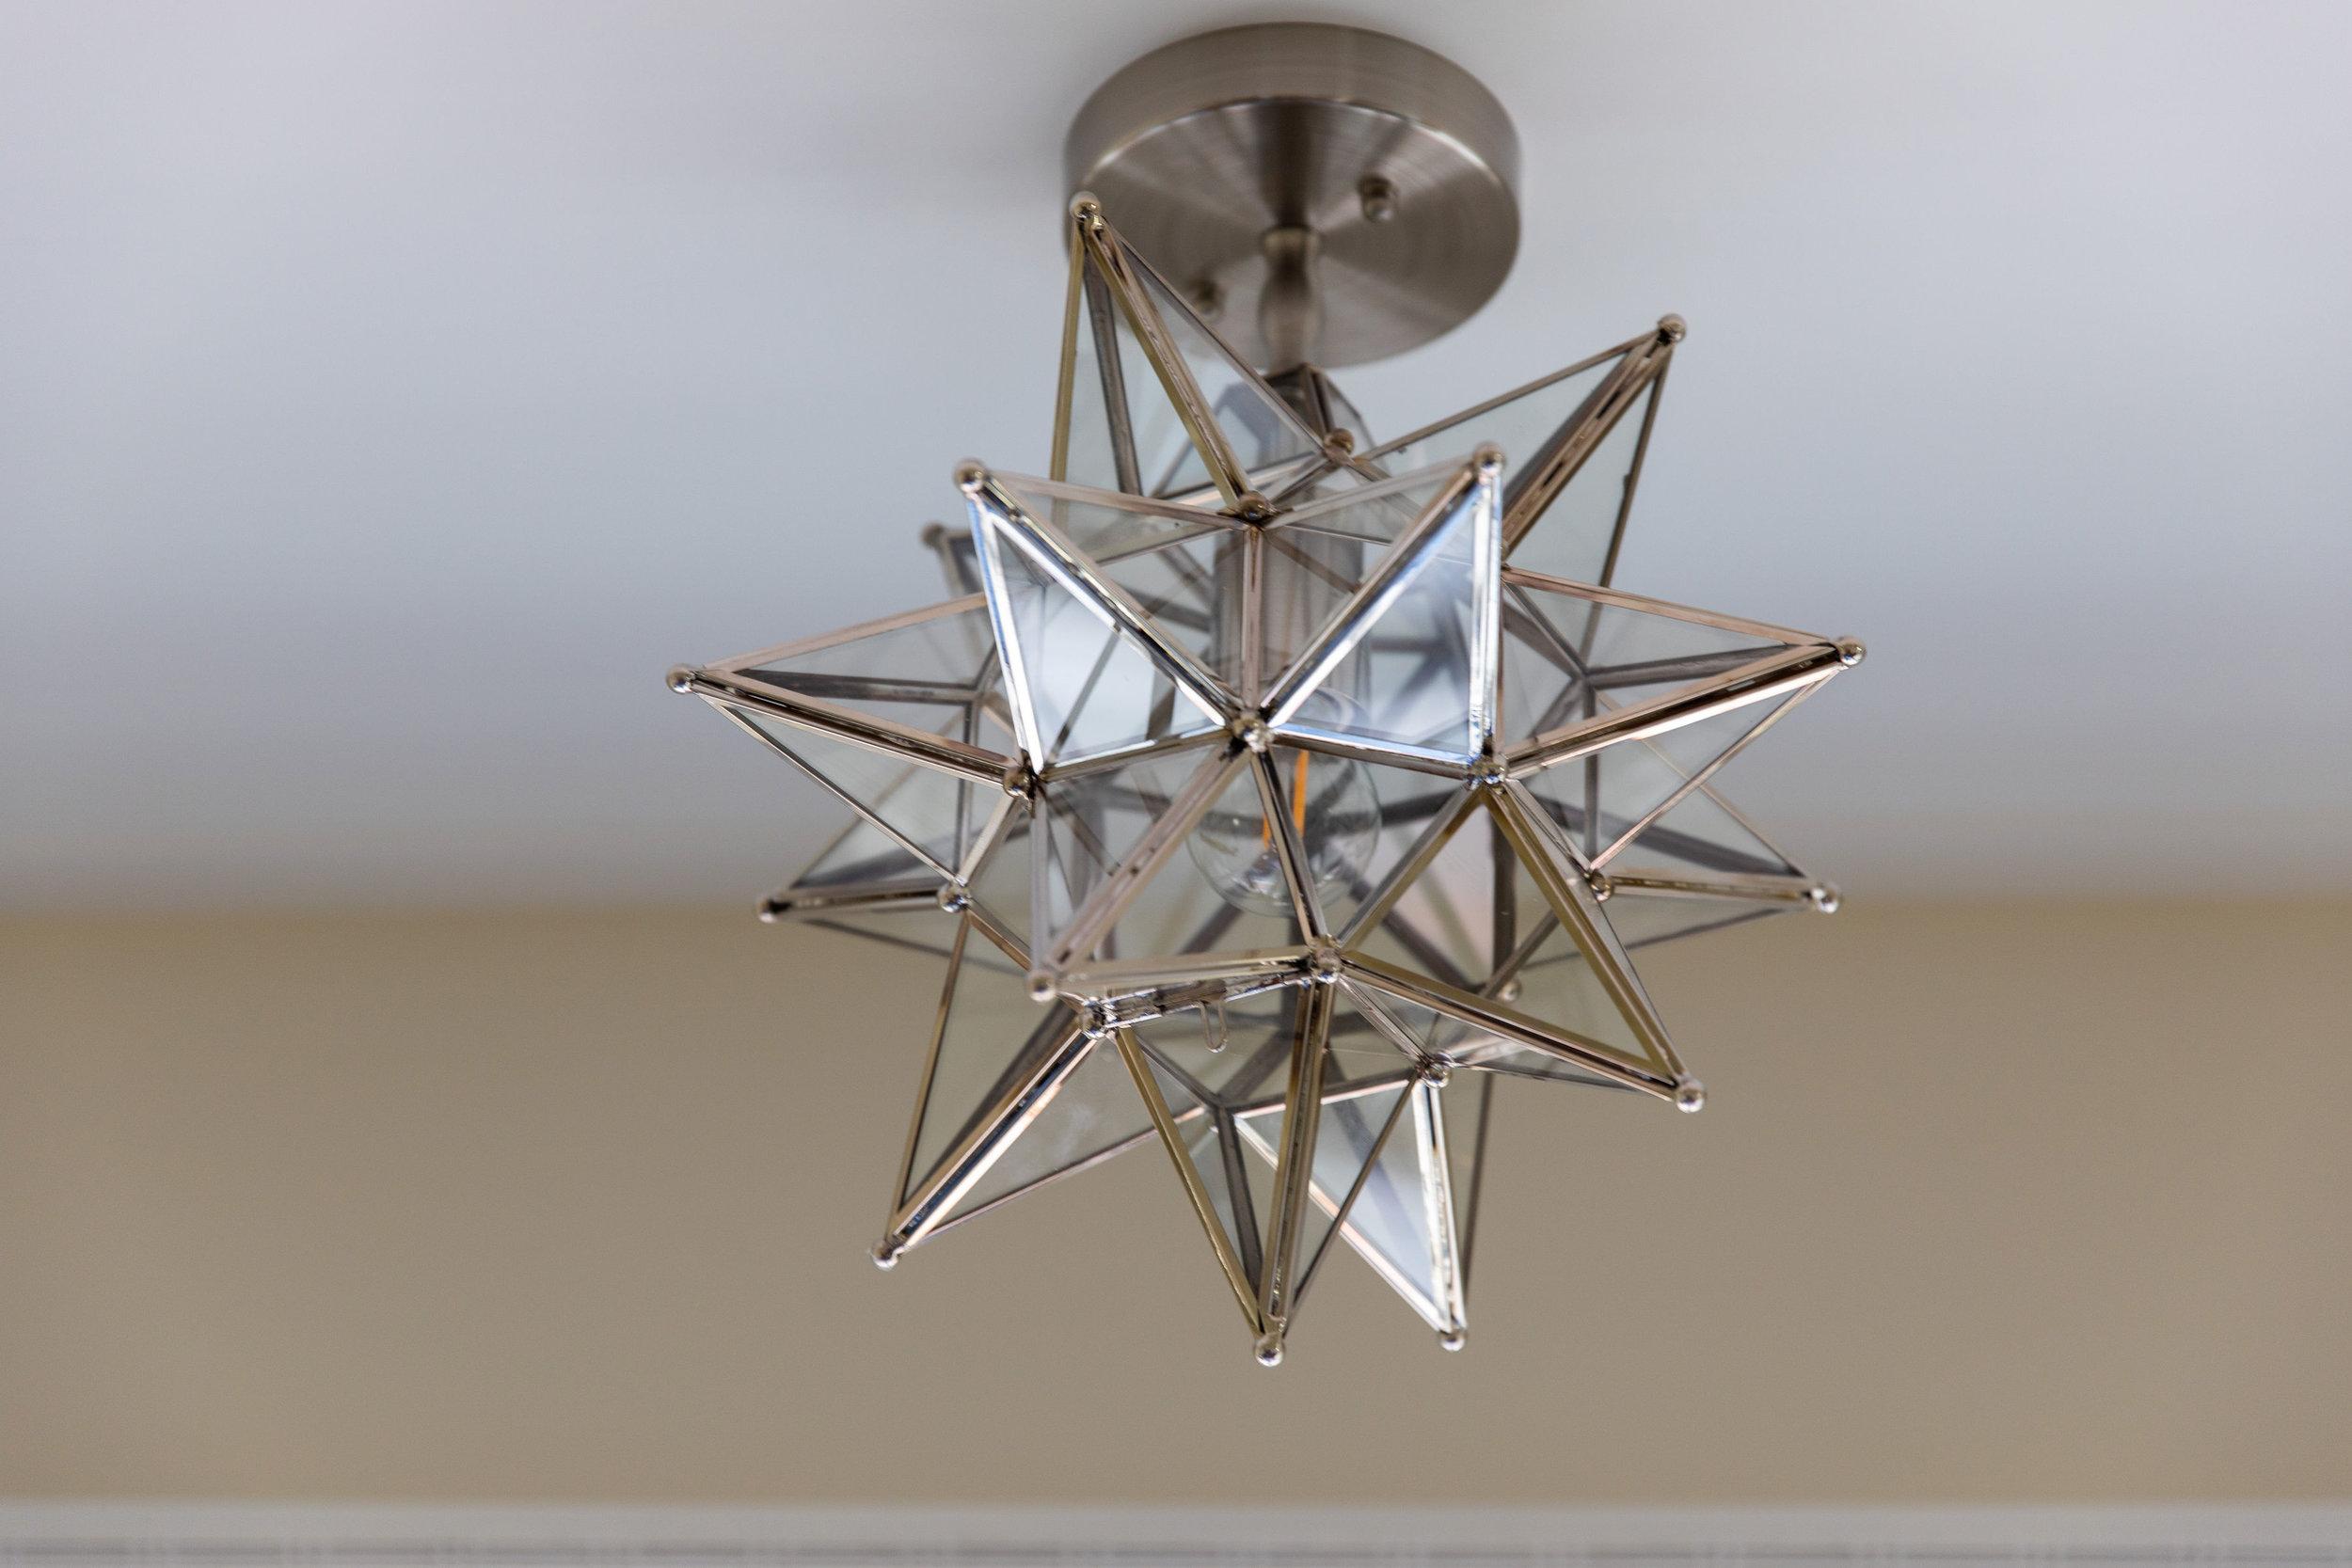 Flushmount lighting for small house interior design, Teaselwood Design, Skaneateles, NY